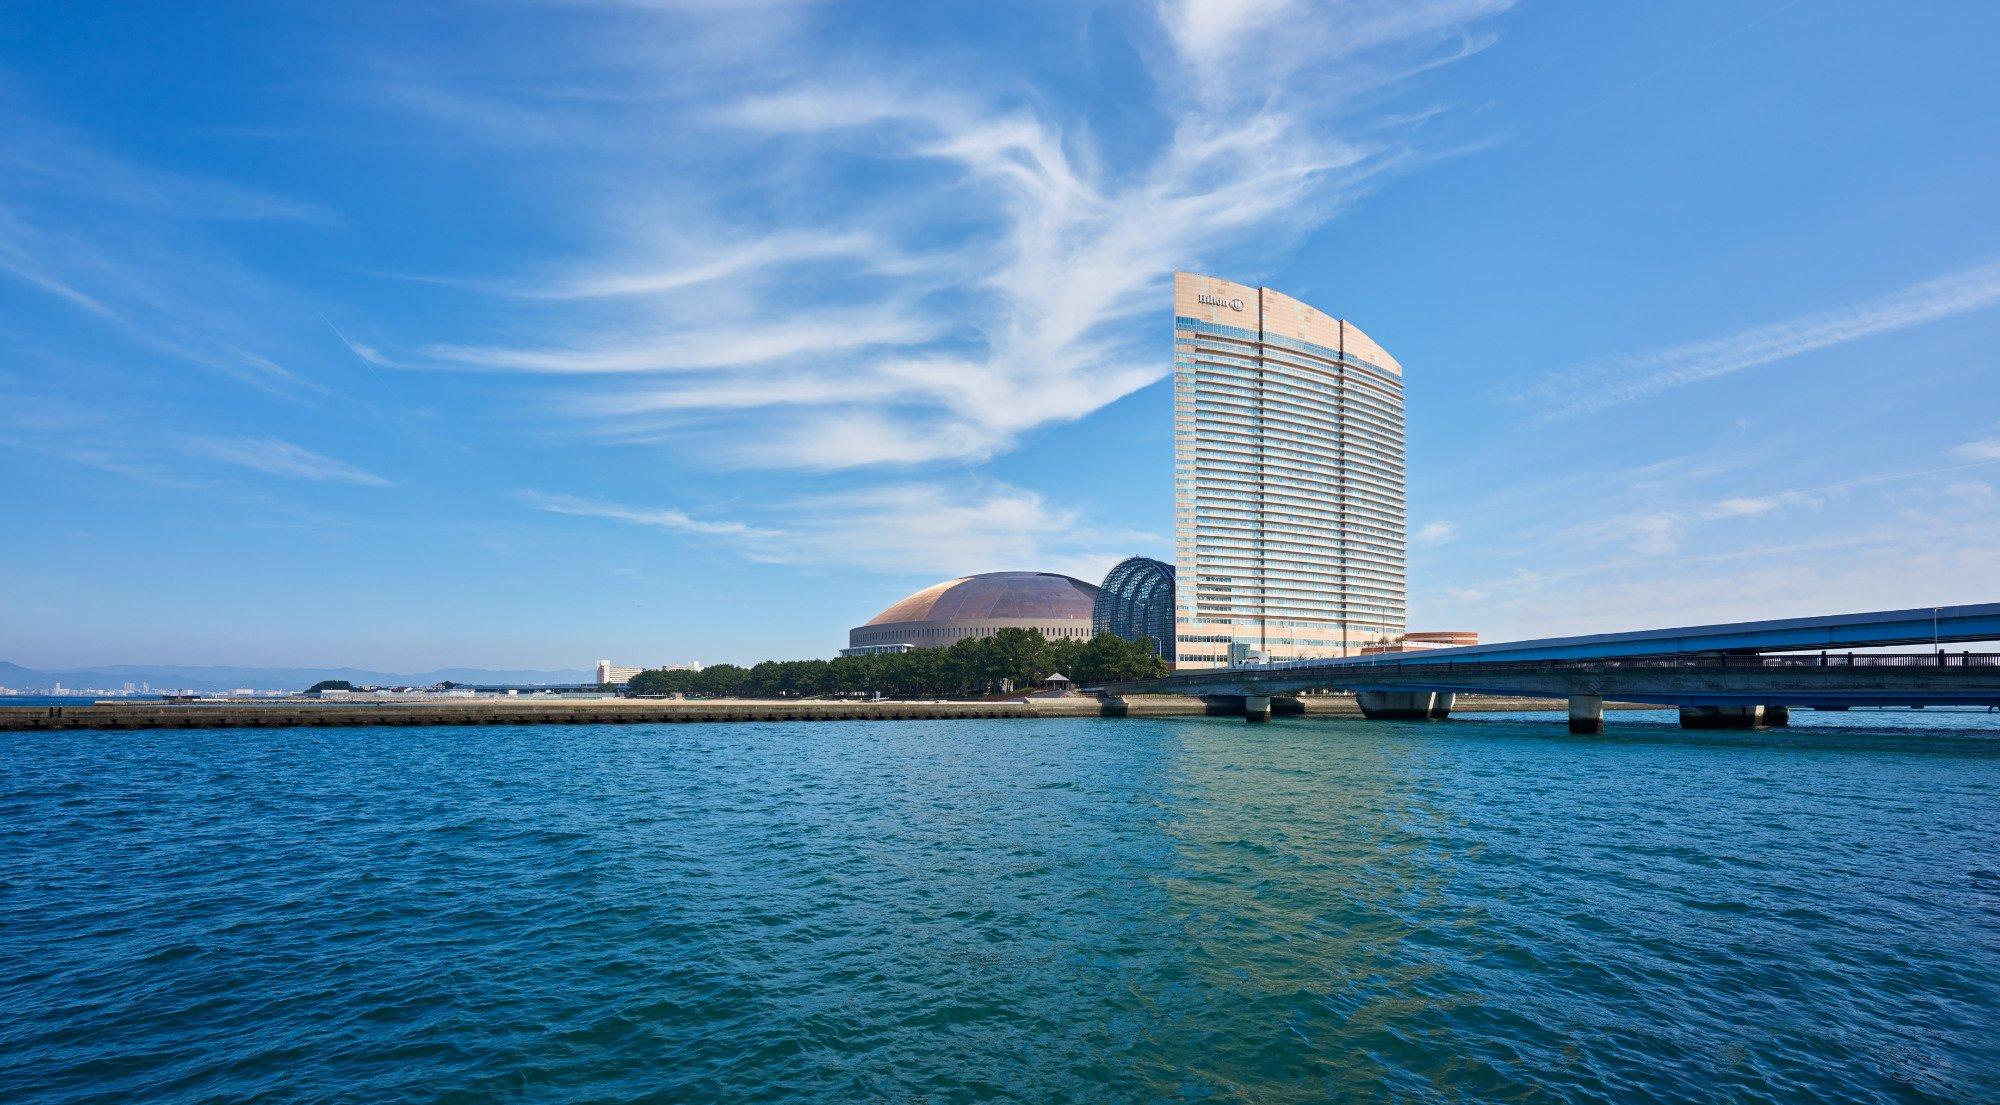 希爾頓酒店 福岡海灘浩克